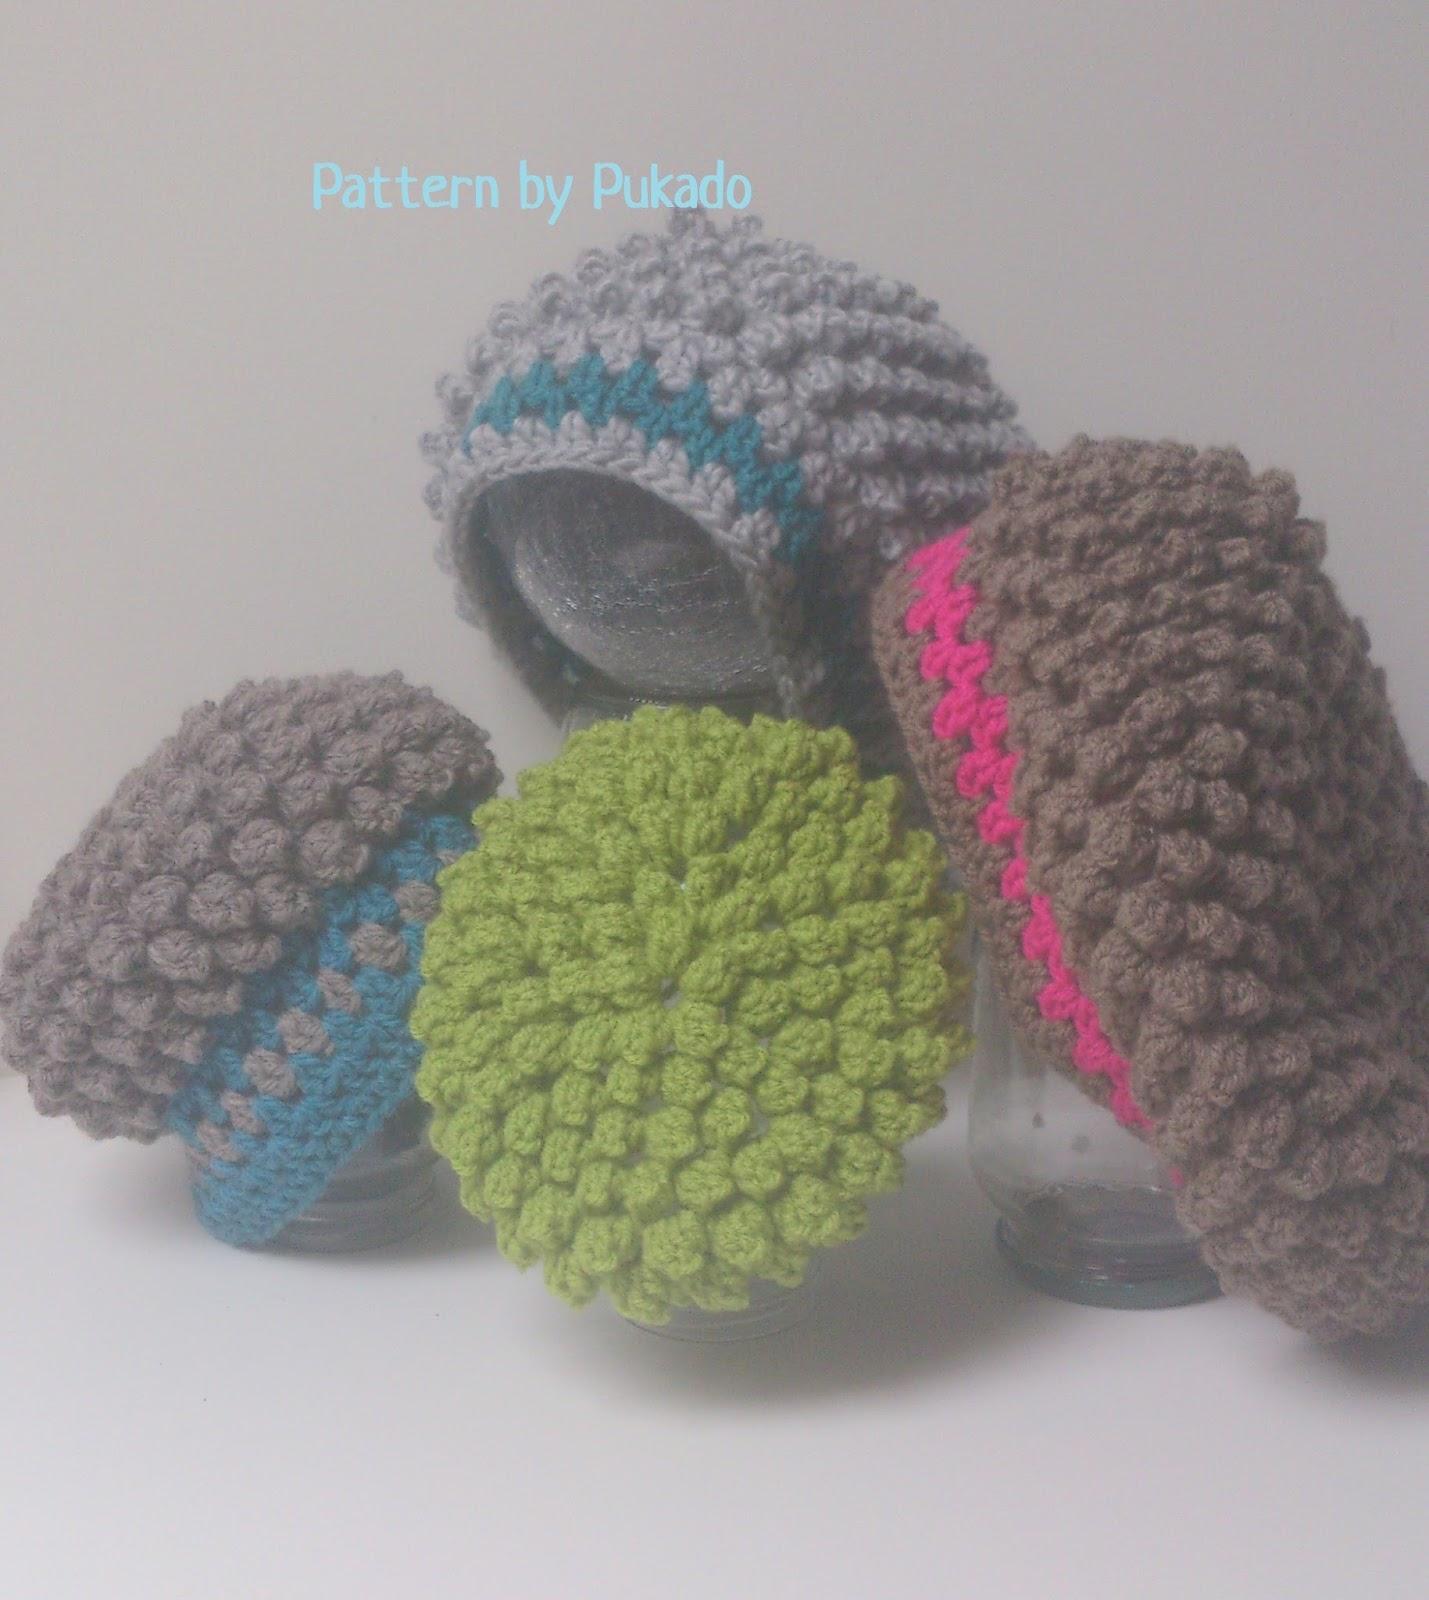 e9ba2f66085 Pukado By Patricia Stuart  Popcorn Stitch Slouch Hat... finished!